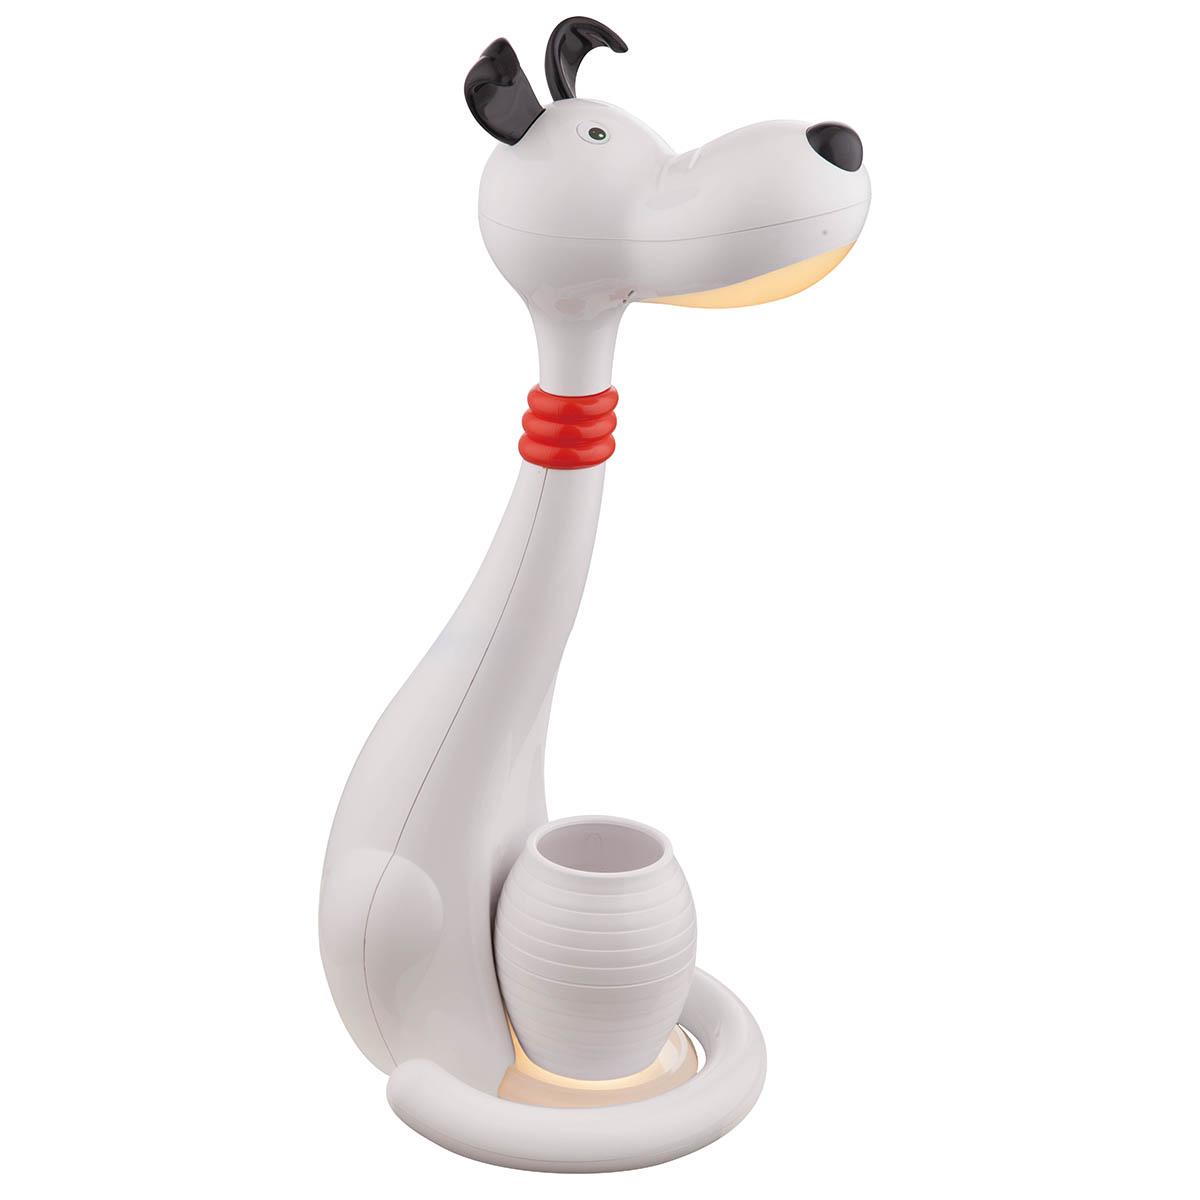 Настольная лампа Horoz 049-029-0006 Snoopy (Сенсорное управление)